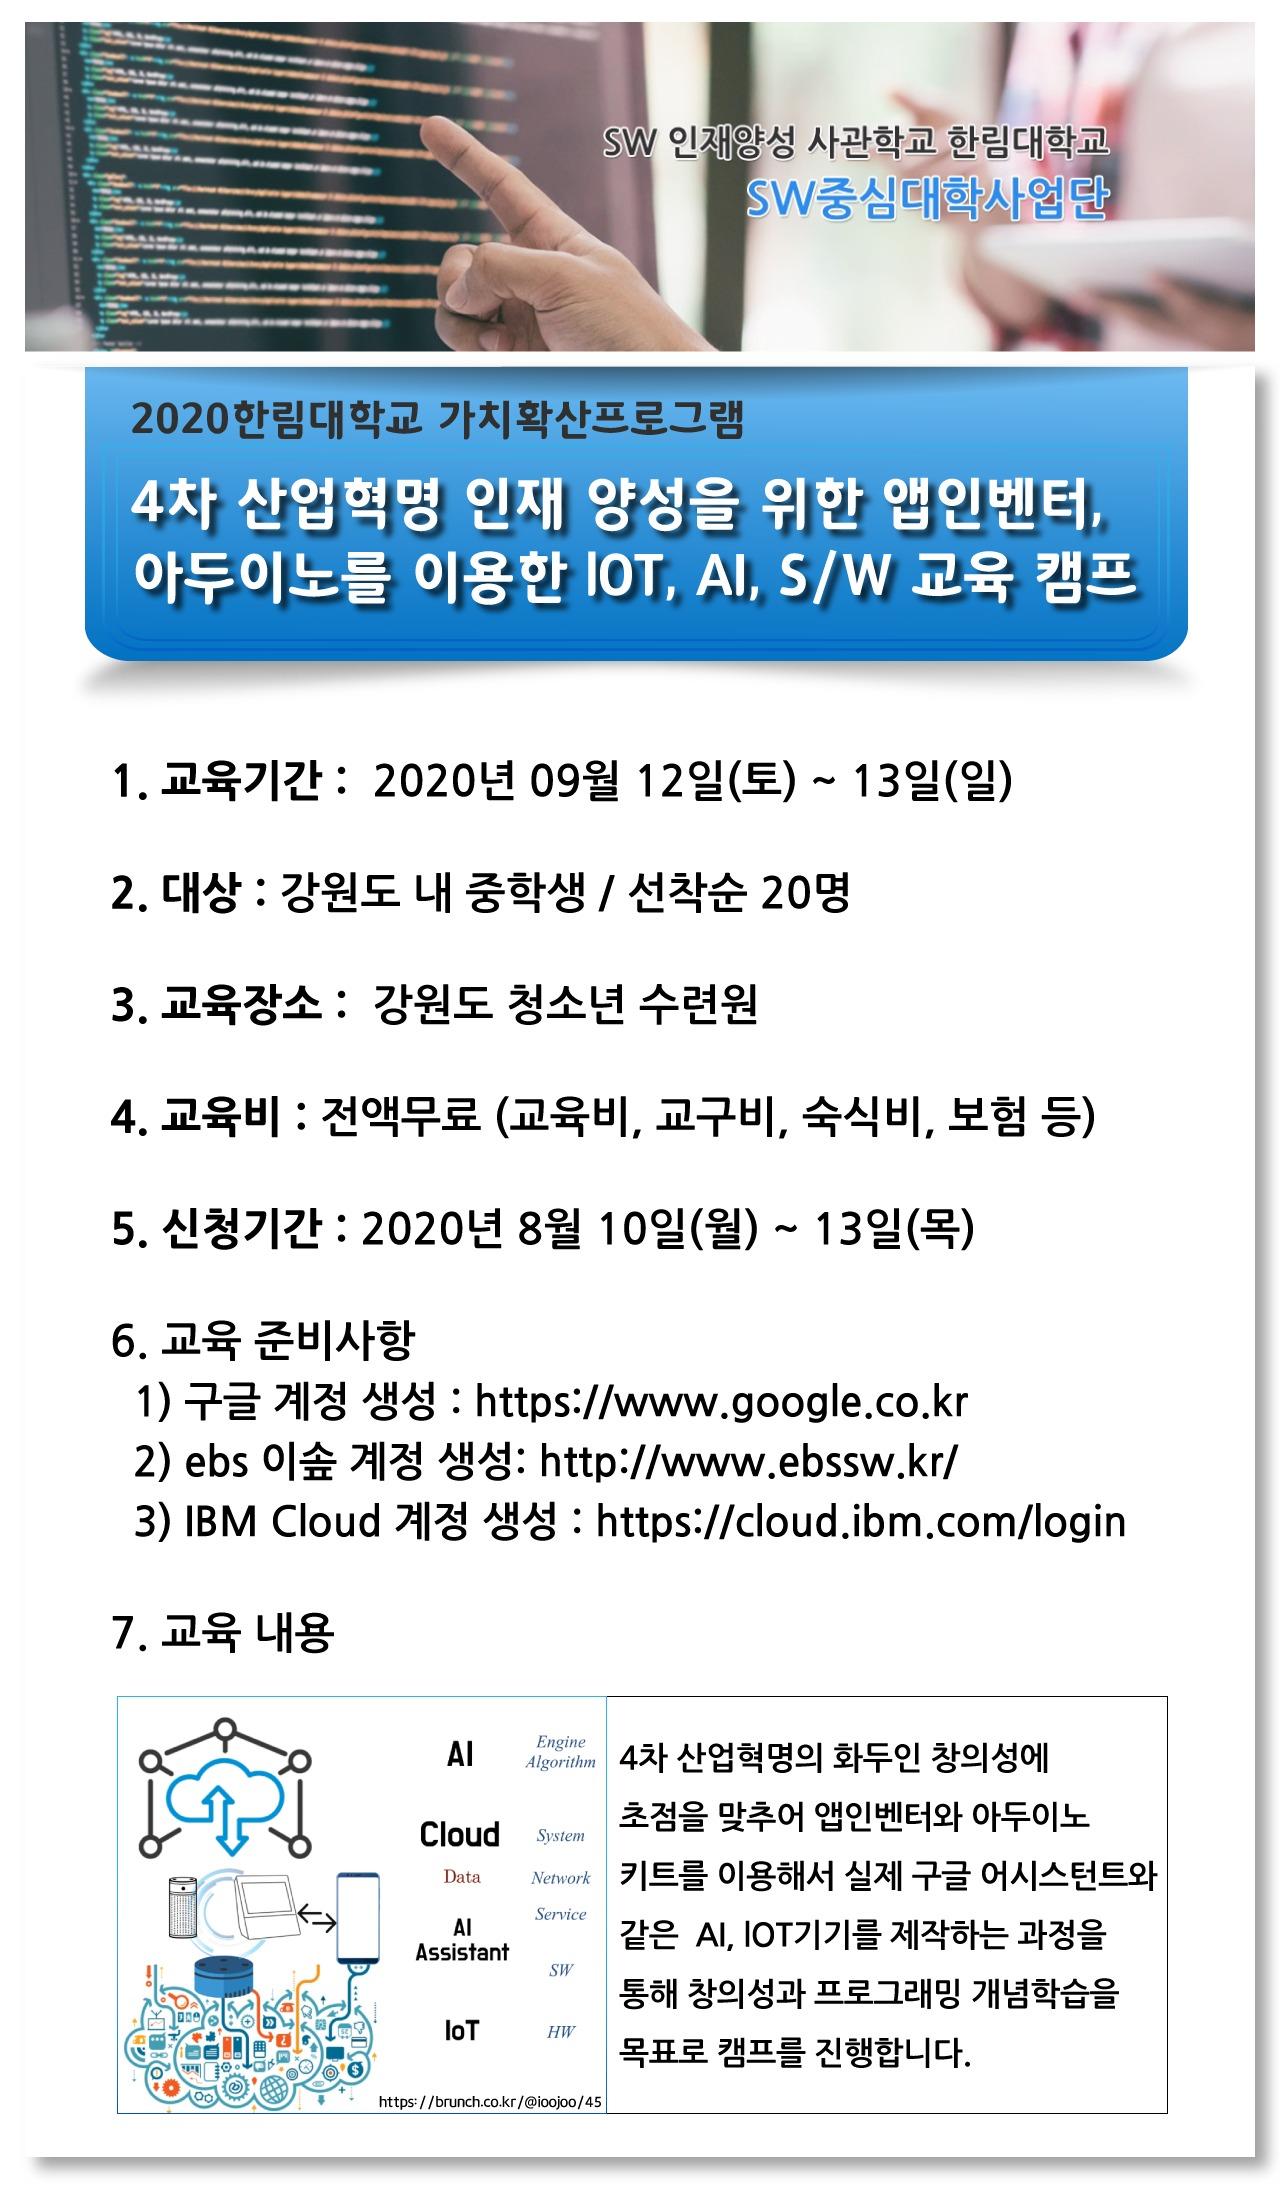 아두이노 및 앱인벤터.png 1280X2202